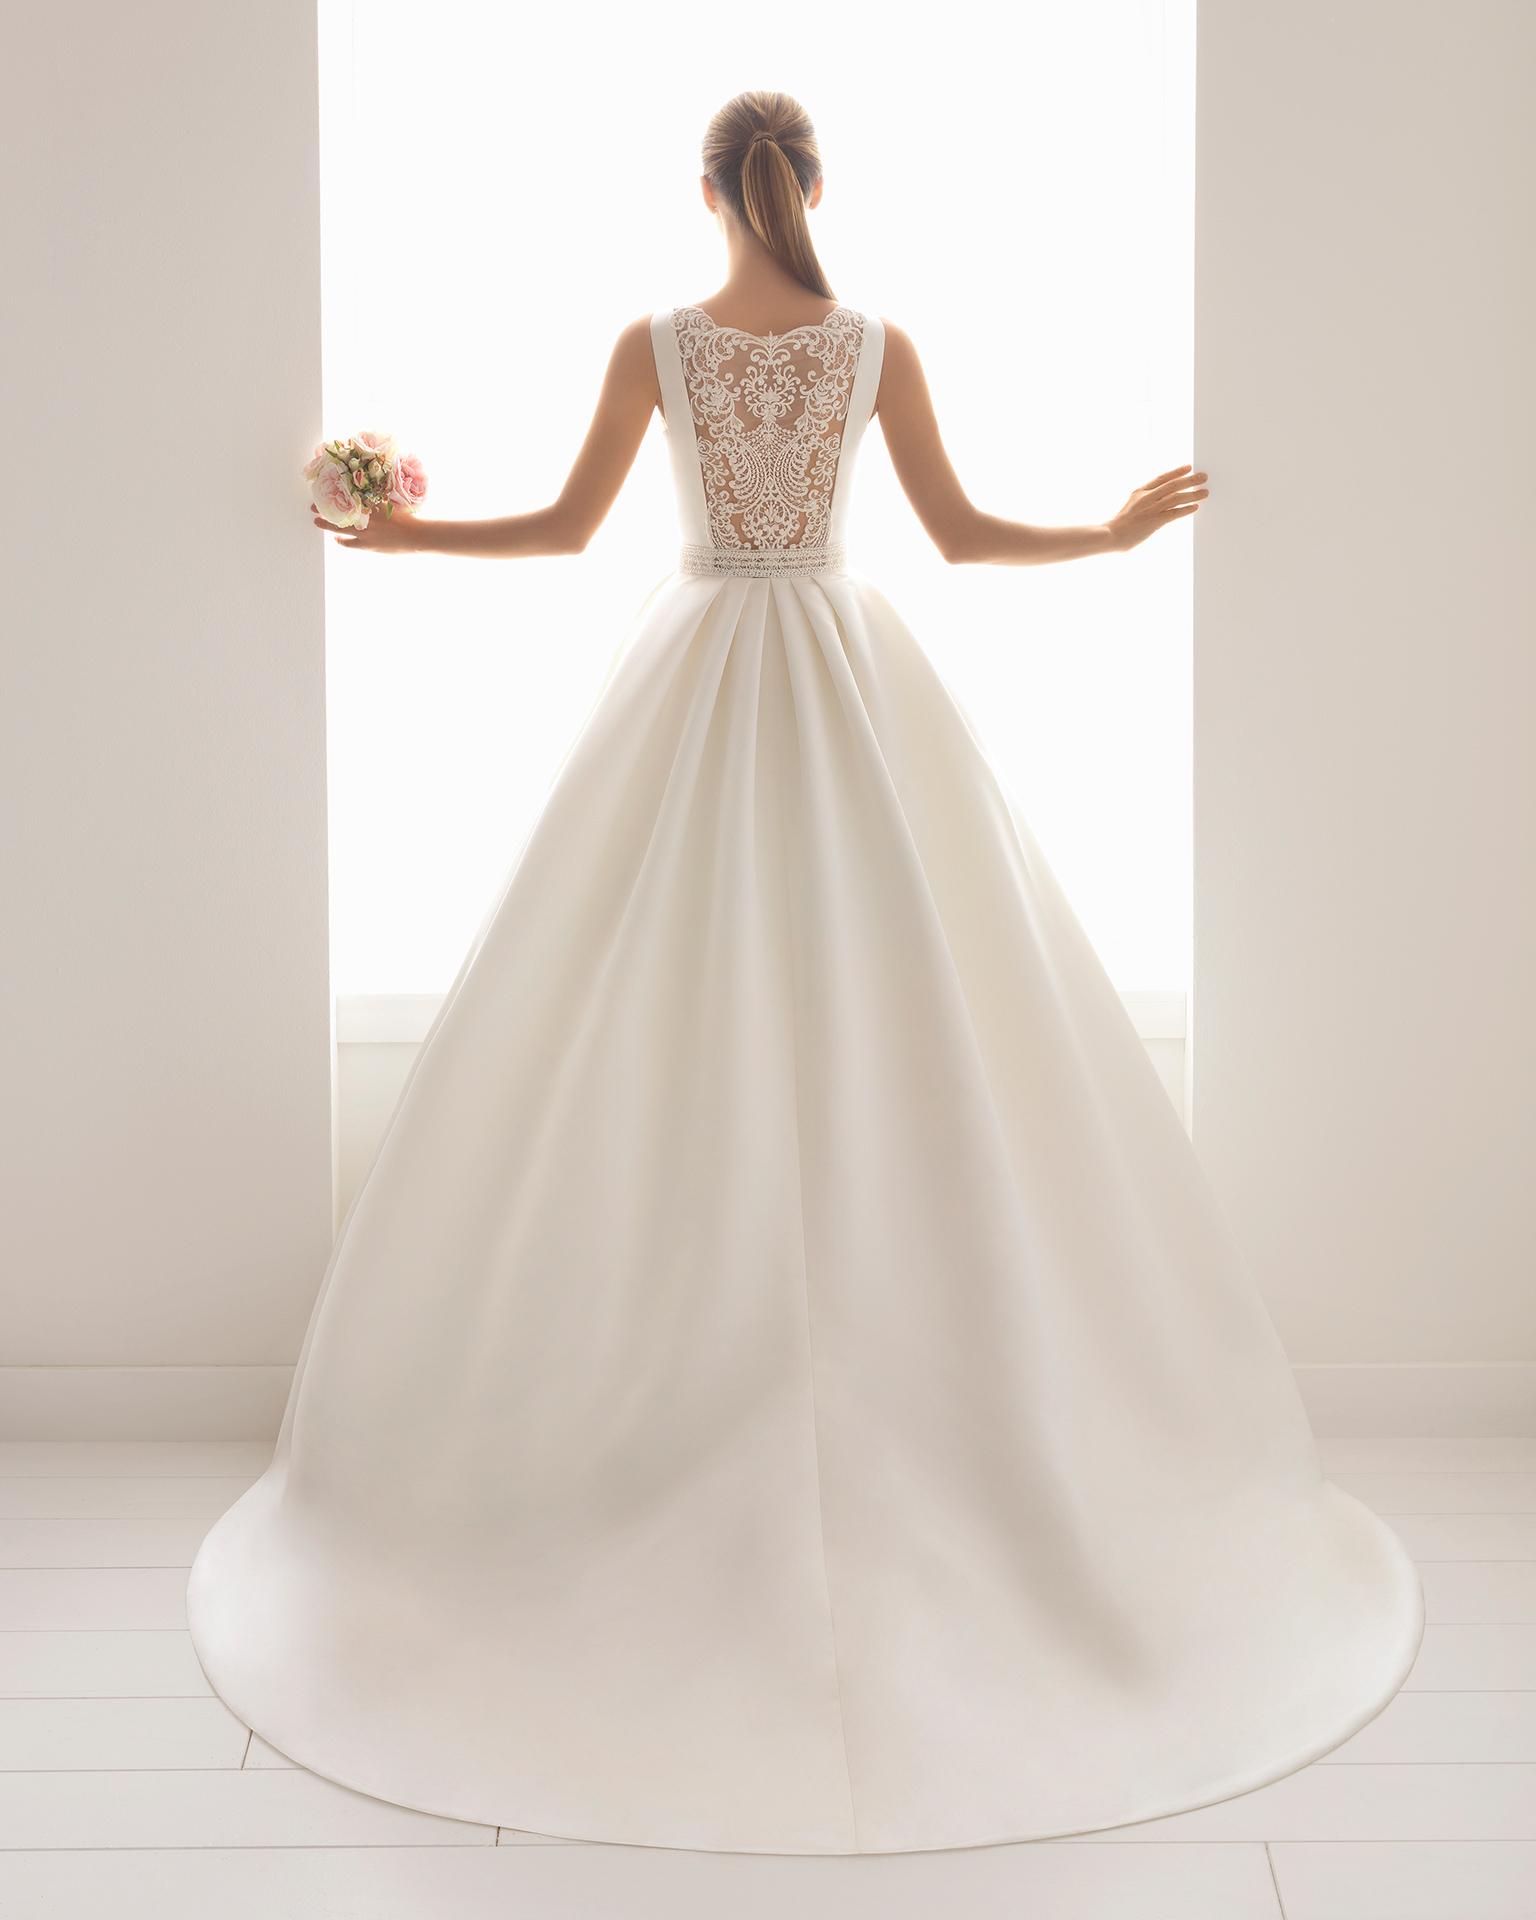 Rochie de mireasă în stil clasic din satin, dantelă și strasuri, cu decolteu tip bărcuță cu buzunare.